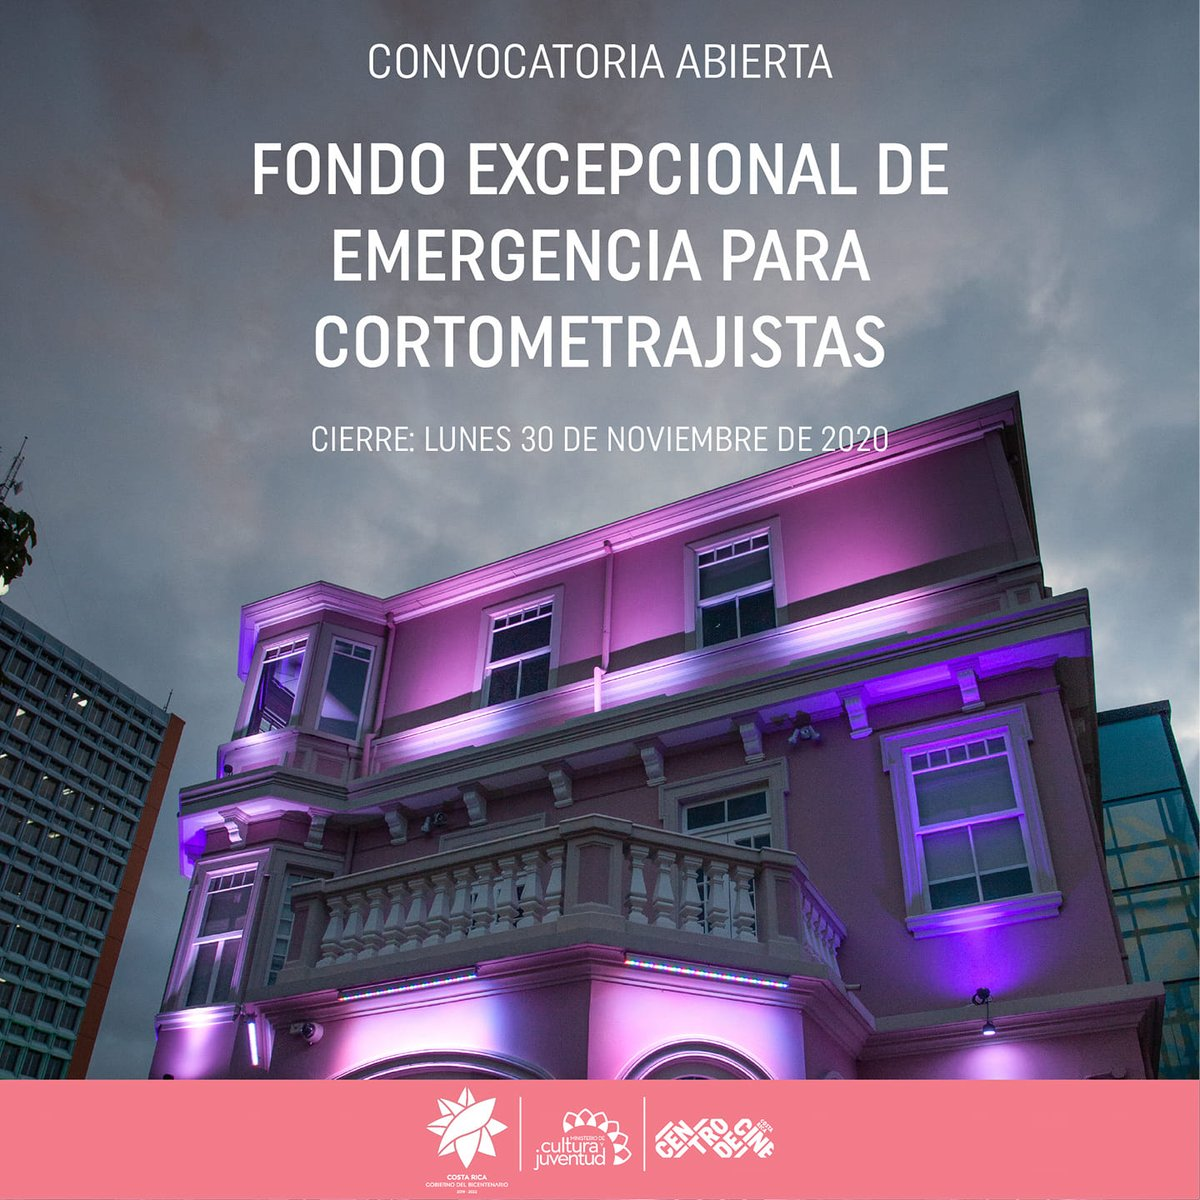 Ministerio de Cultura y Juventud (@MCJ_CR) | Twitter